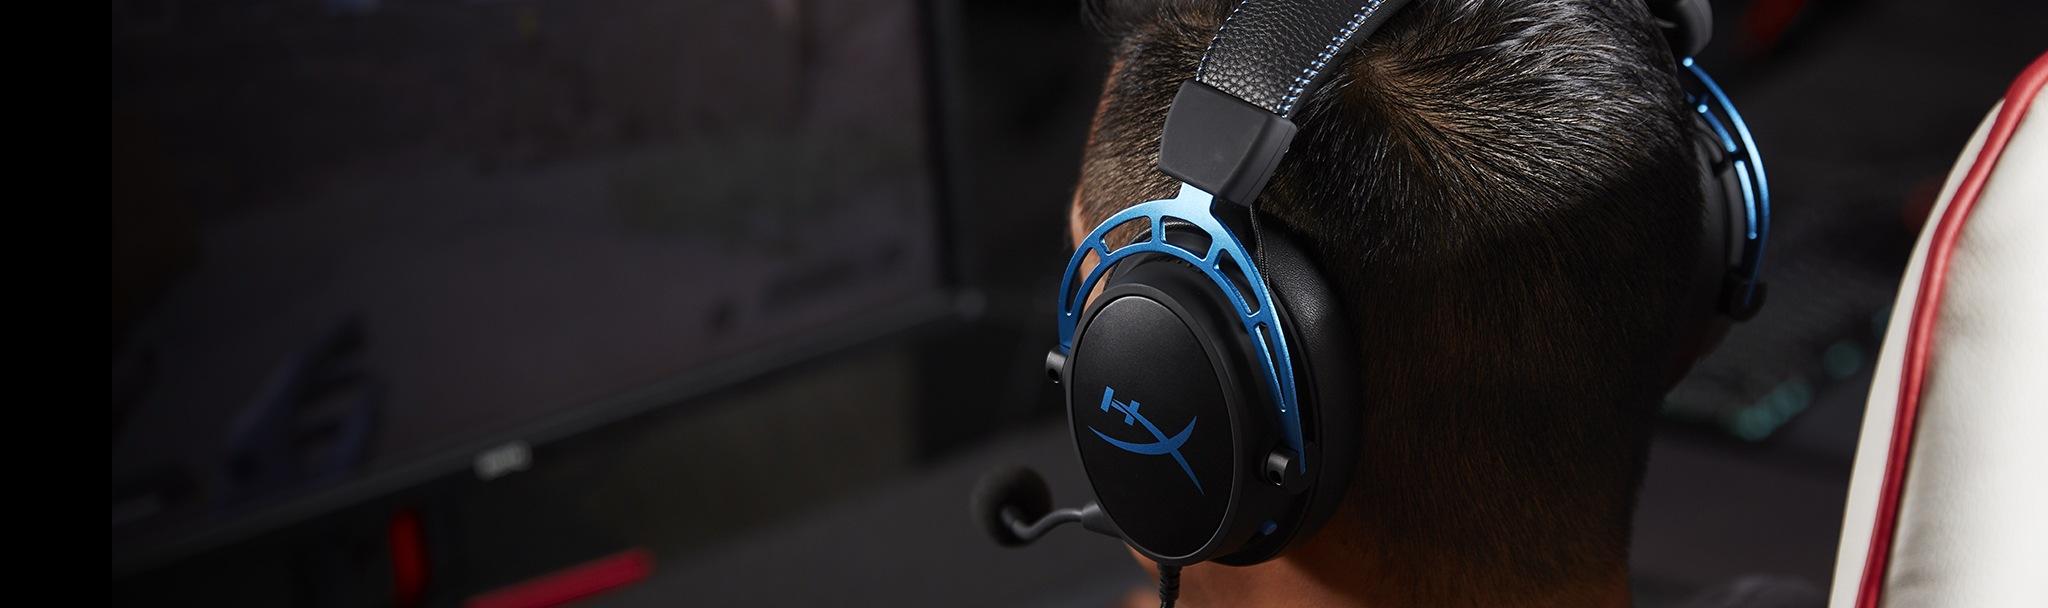 Tai nghe Kingston HyperX Cloud Alpha S Blue (HX-HSCAS-BL/WW) tích hợp công nghệ âm thanh 7.1